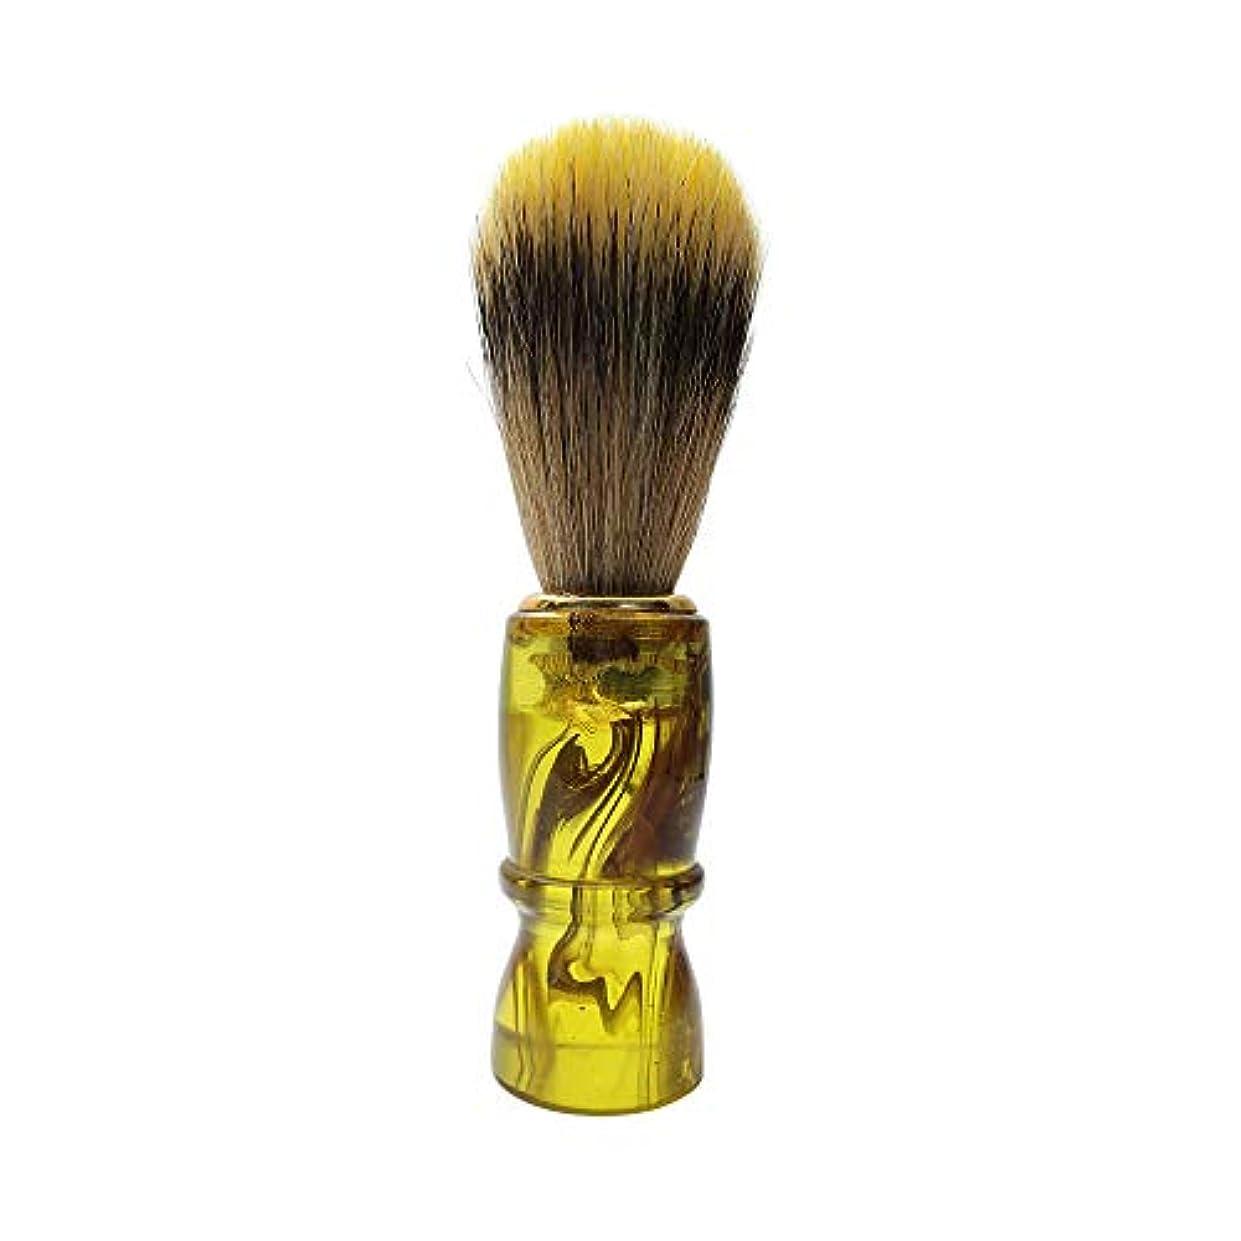 いらいらするアンソロジーセンターSRS三信 ヒゲブラシ タイプA 髭剃り シェービング用ブラシ 狸毛